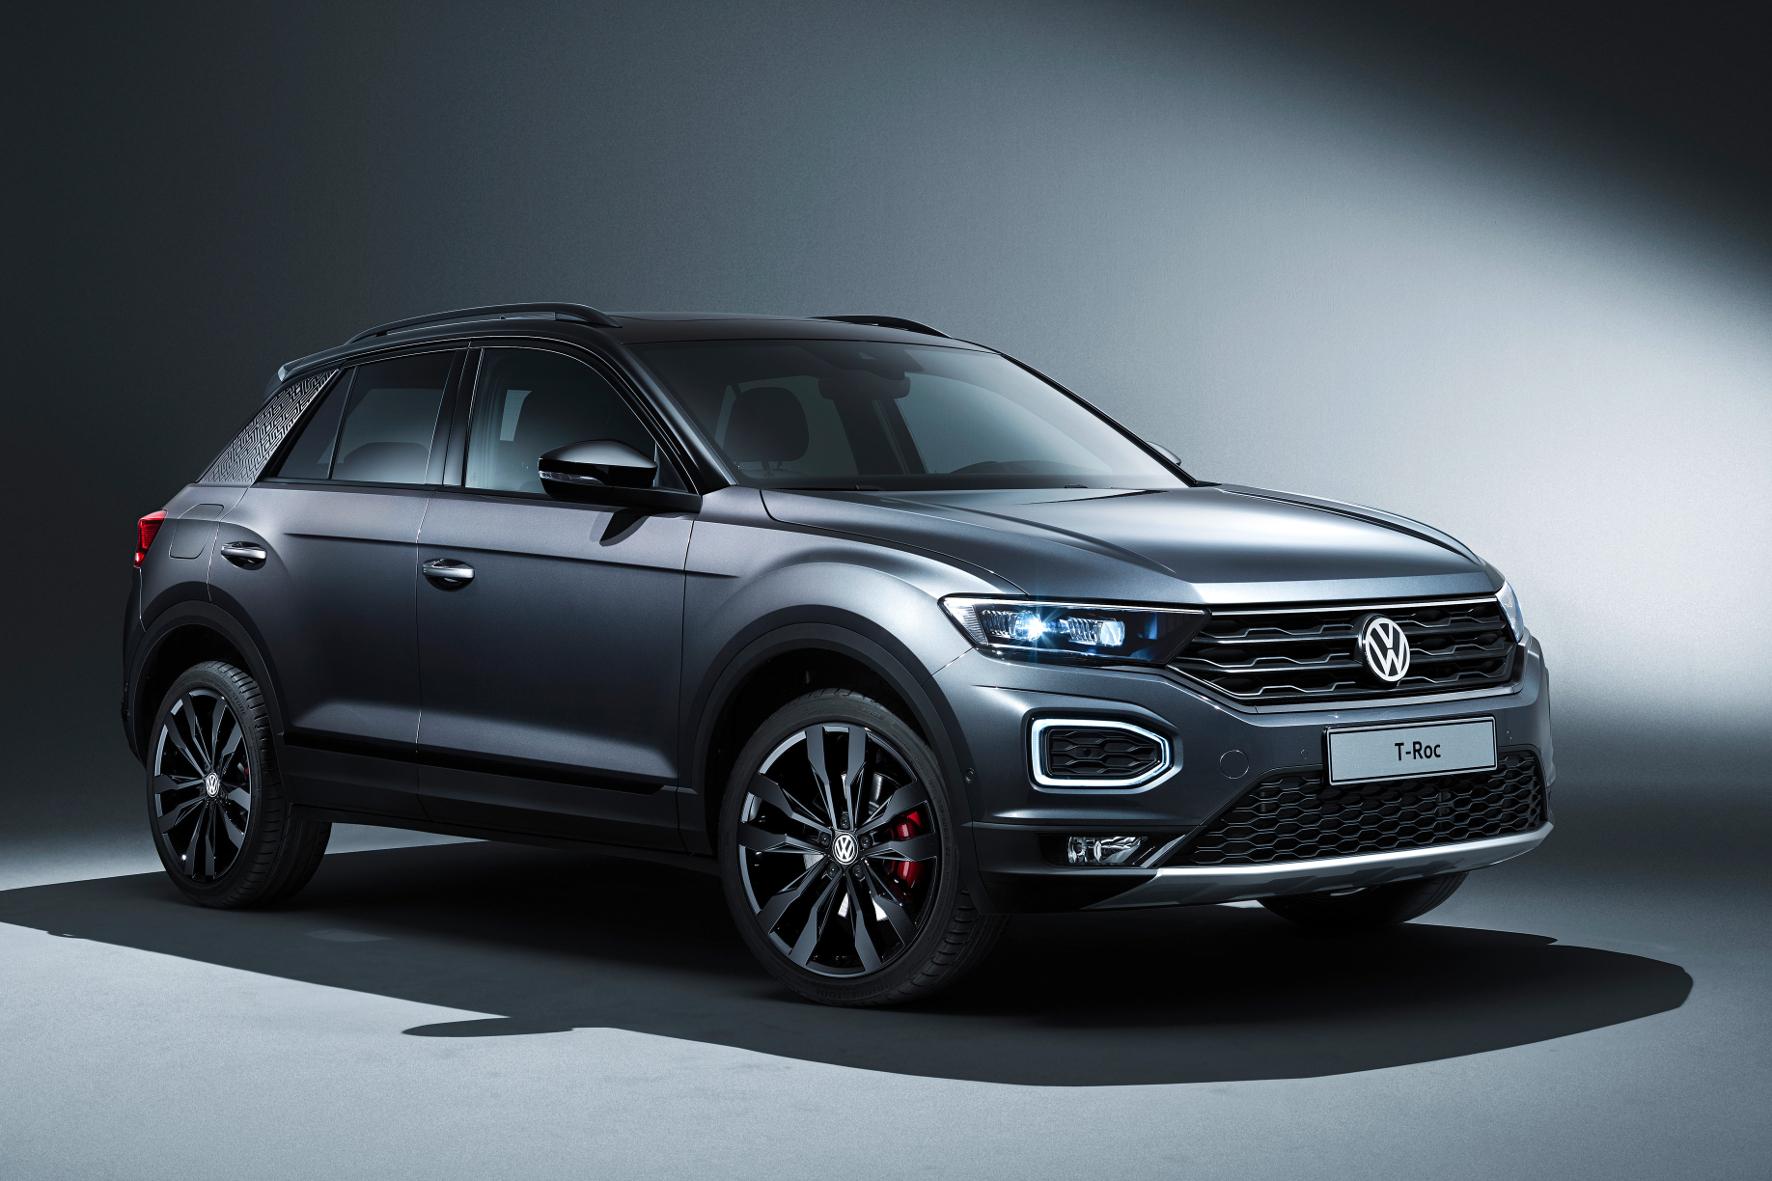 mid Groß-Gerau - Der T-Roc bekommt einen neuen Motor. Volkswagen